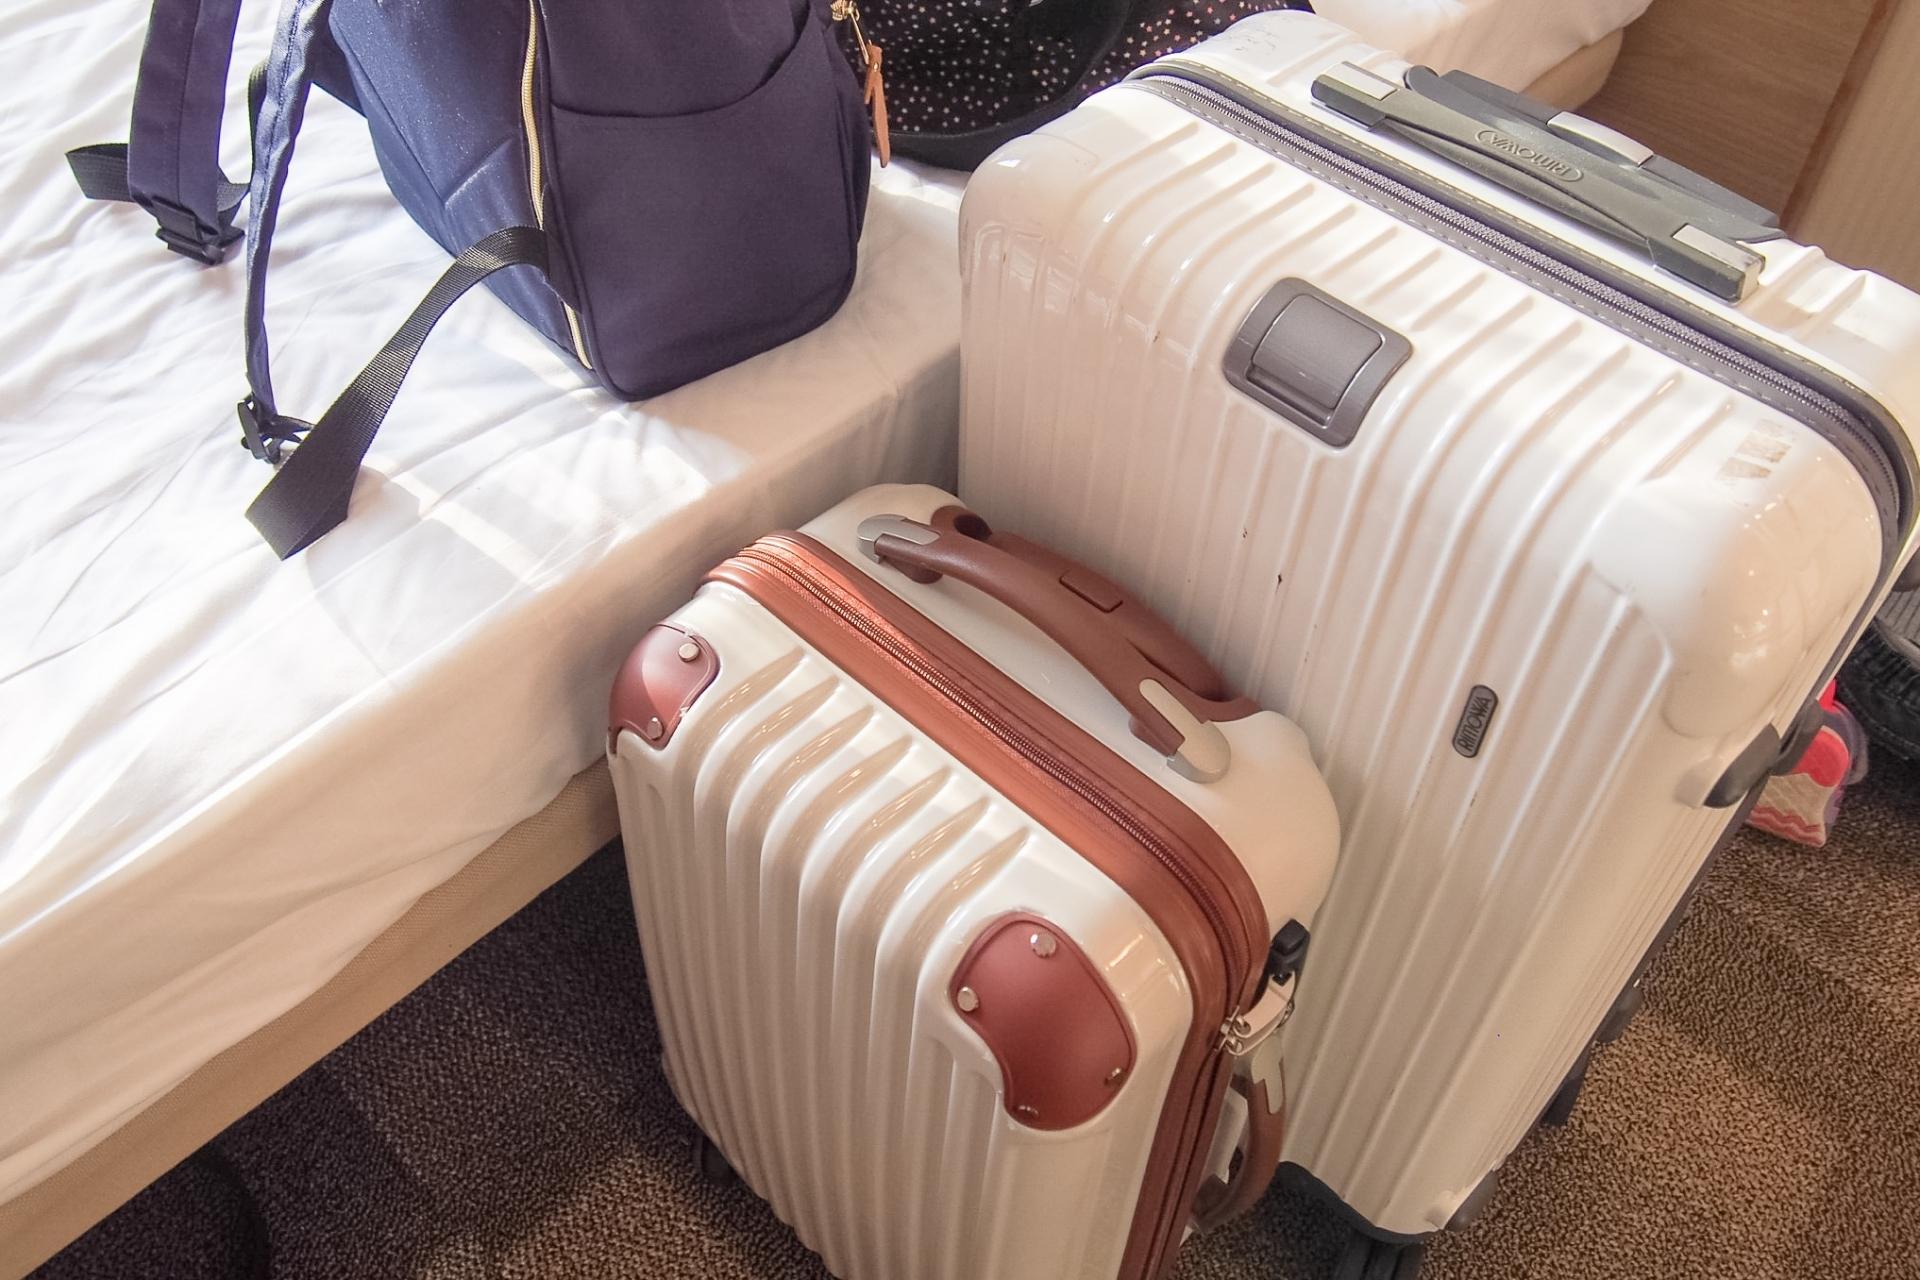 旅行に行く際の荷物をコンパクトにまとめるパッキング方法